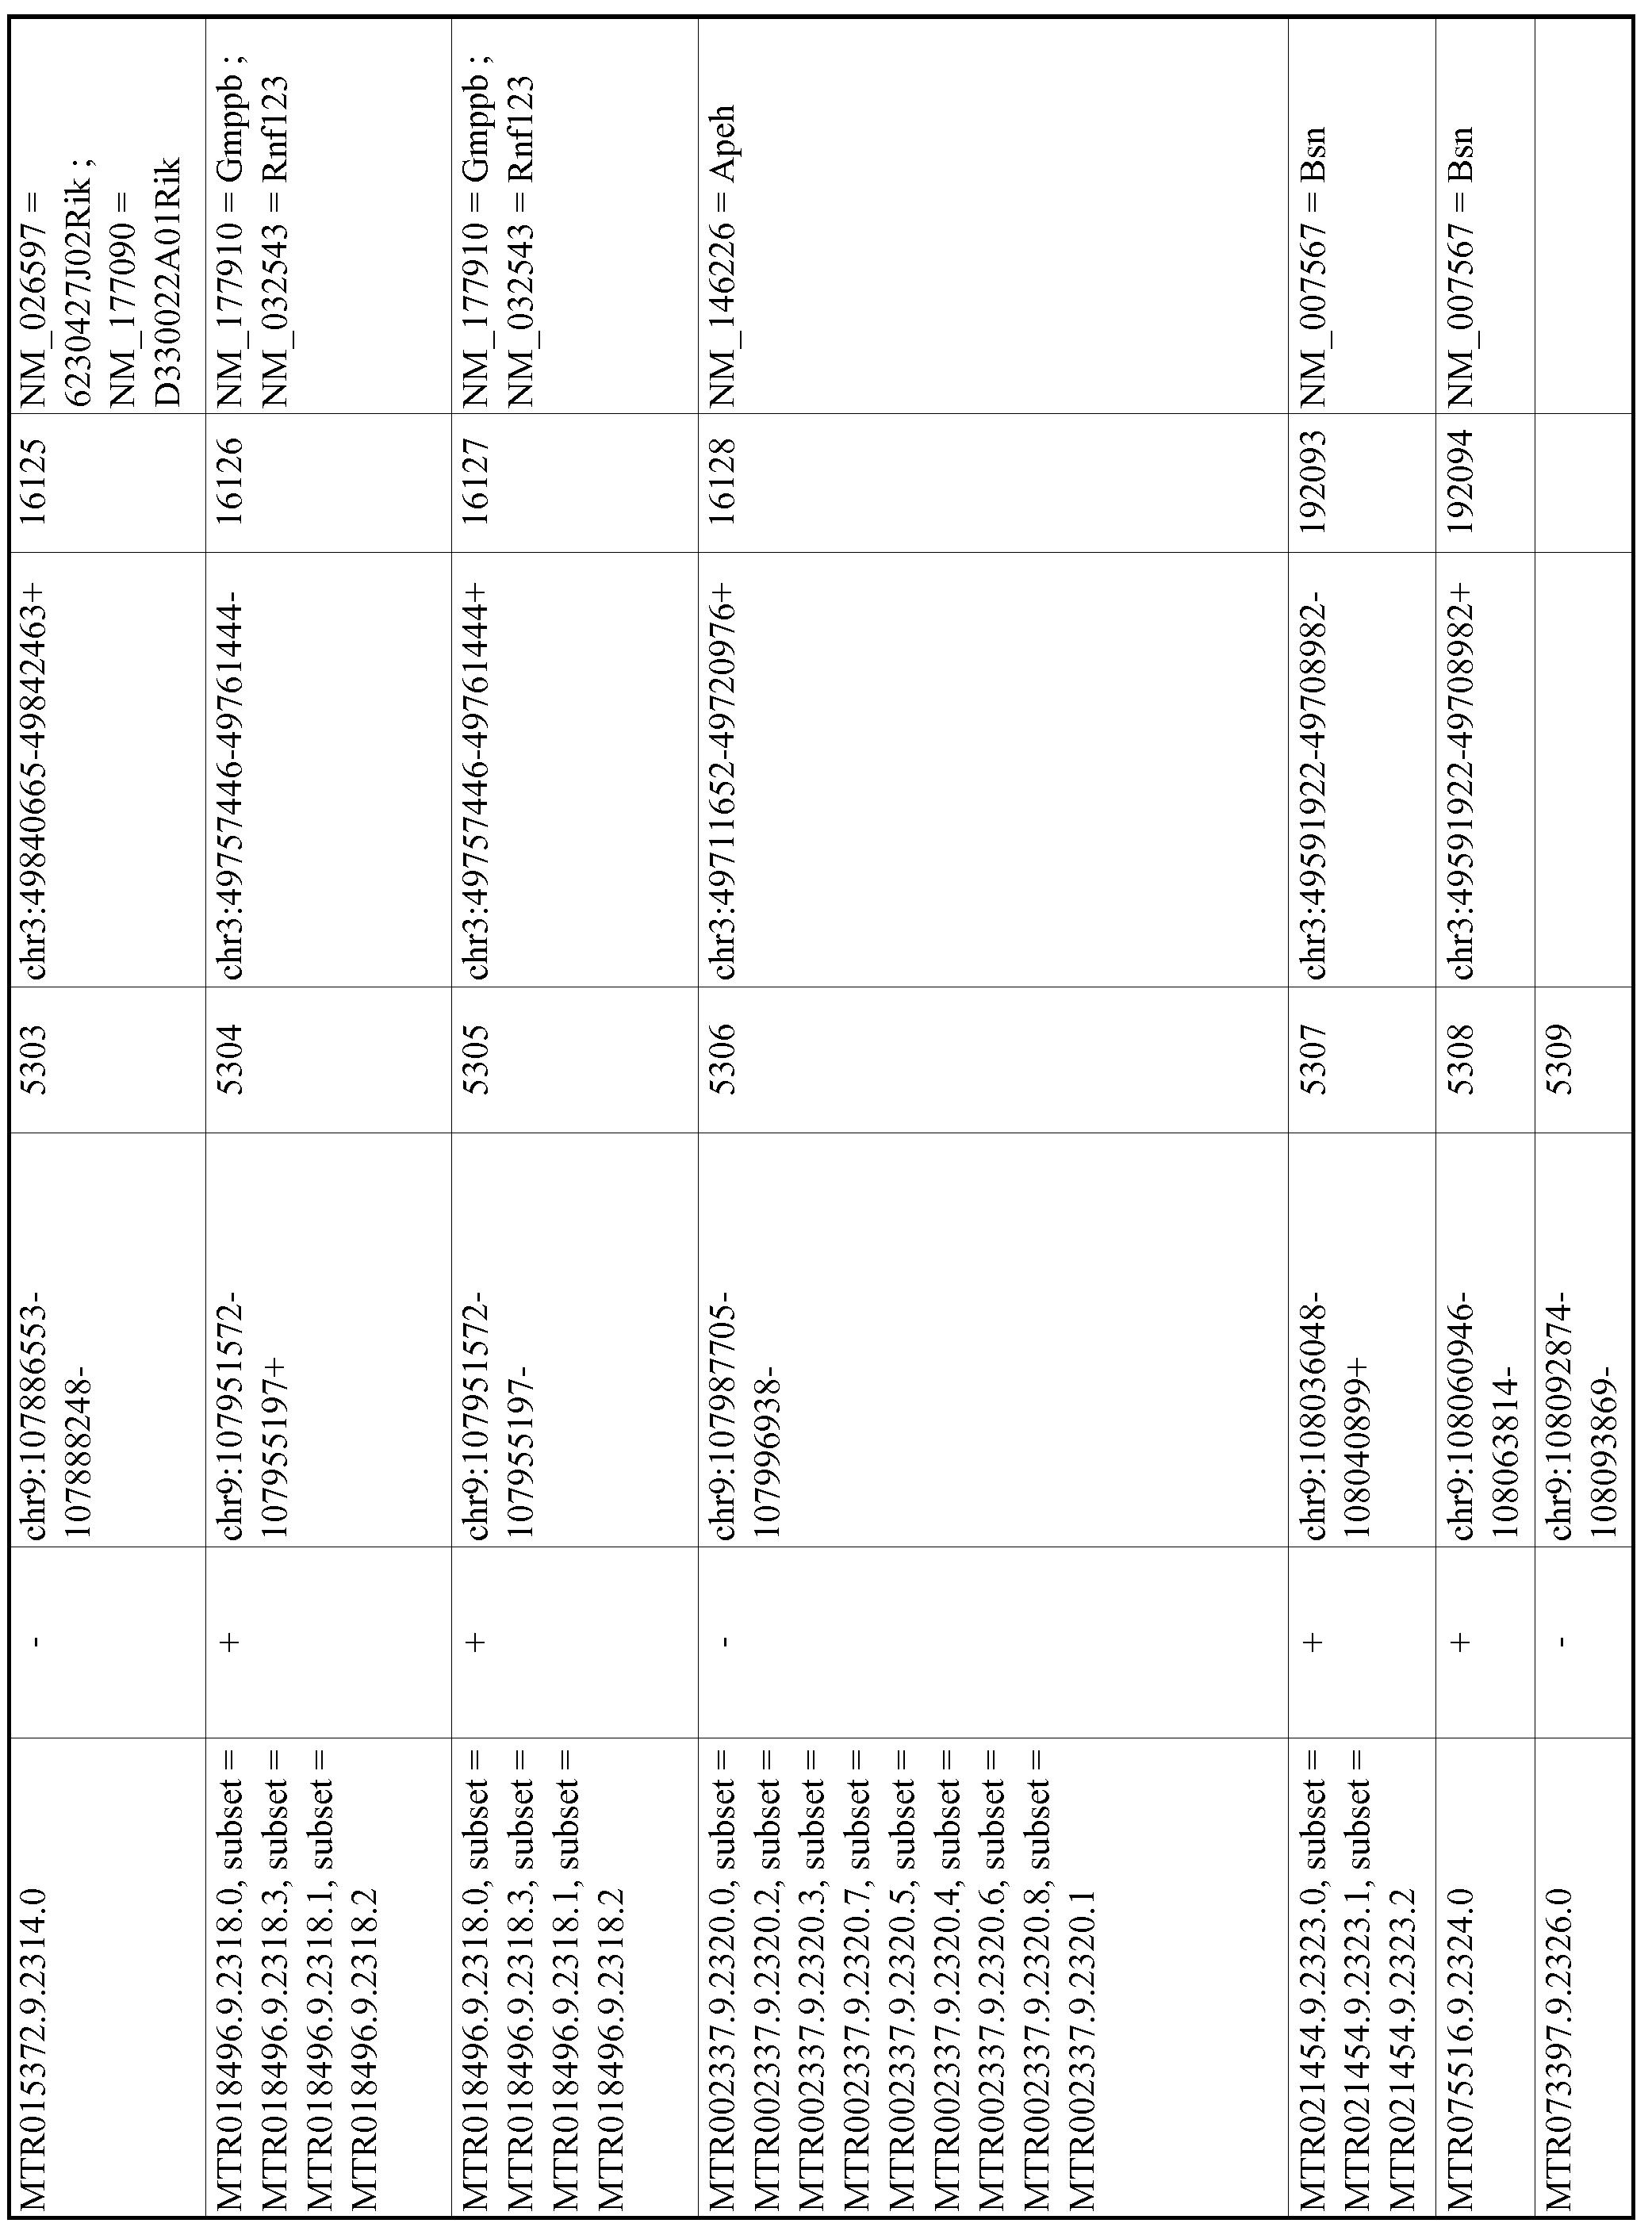 Figure imgf000958_0001